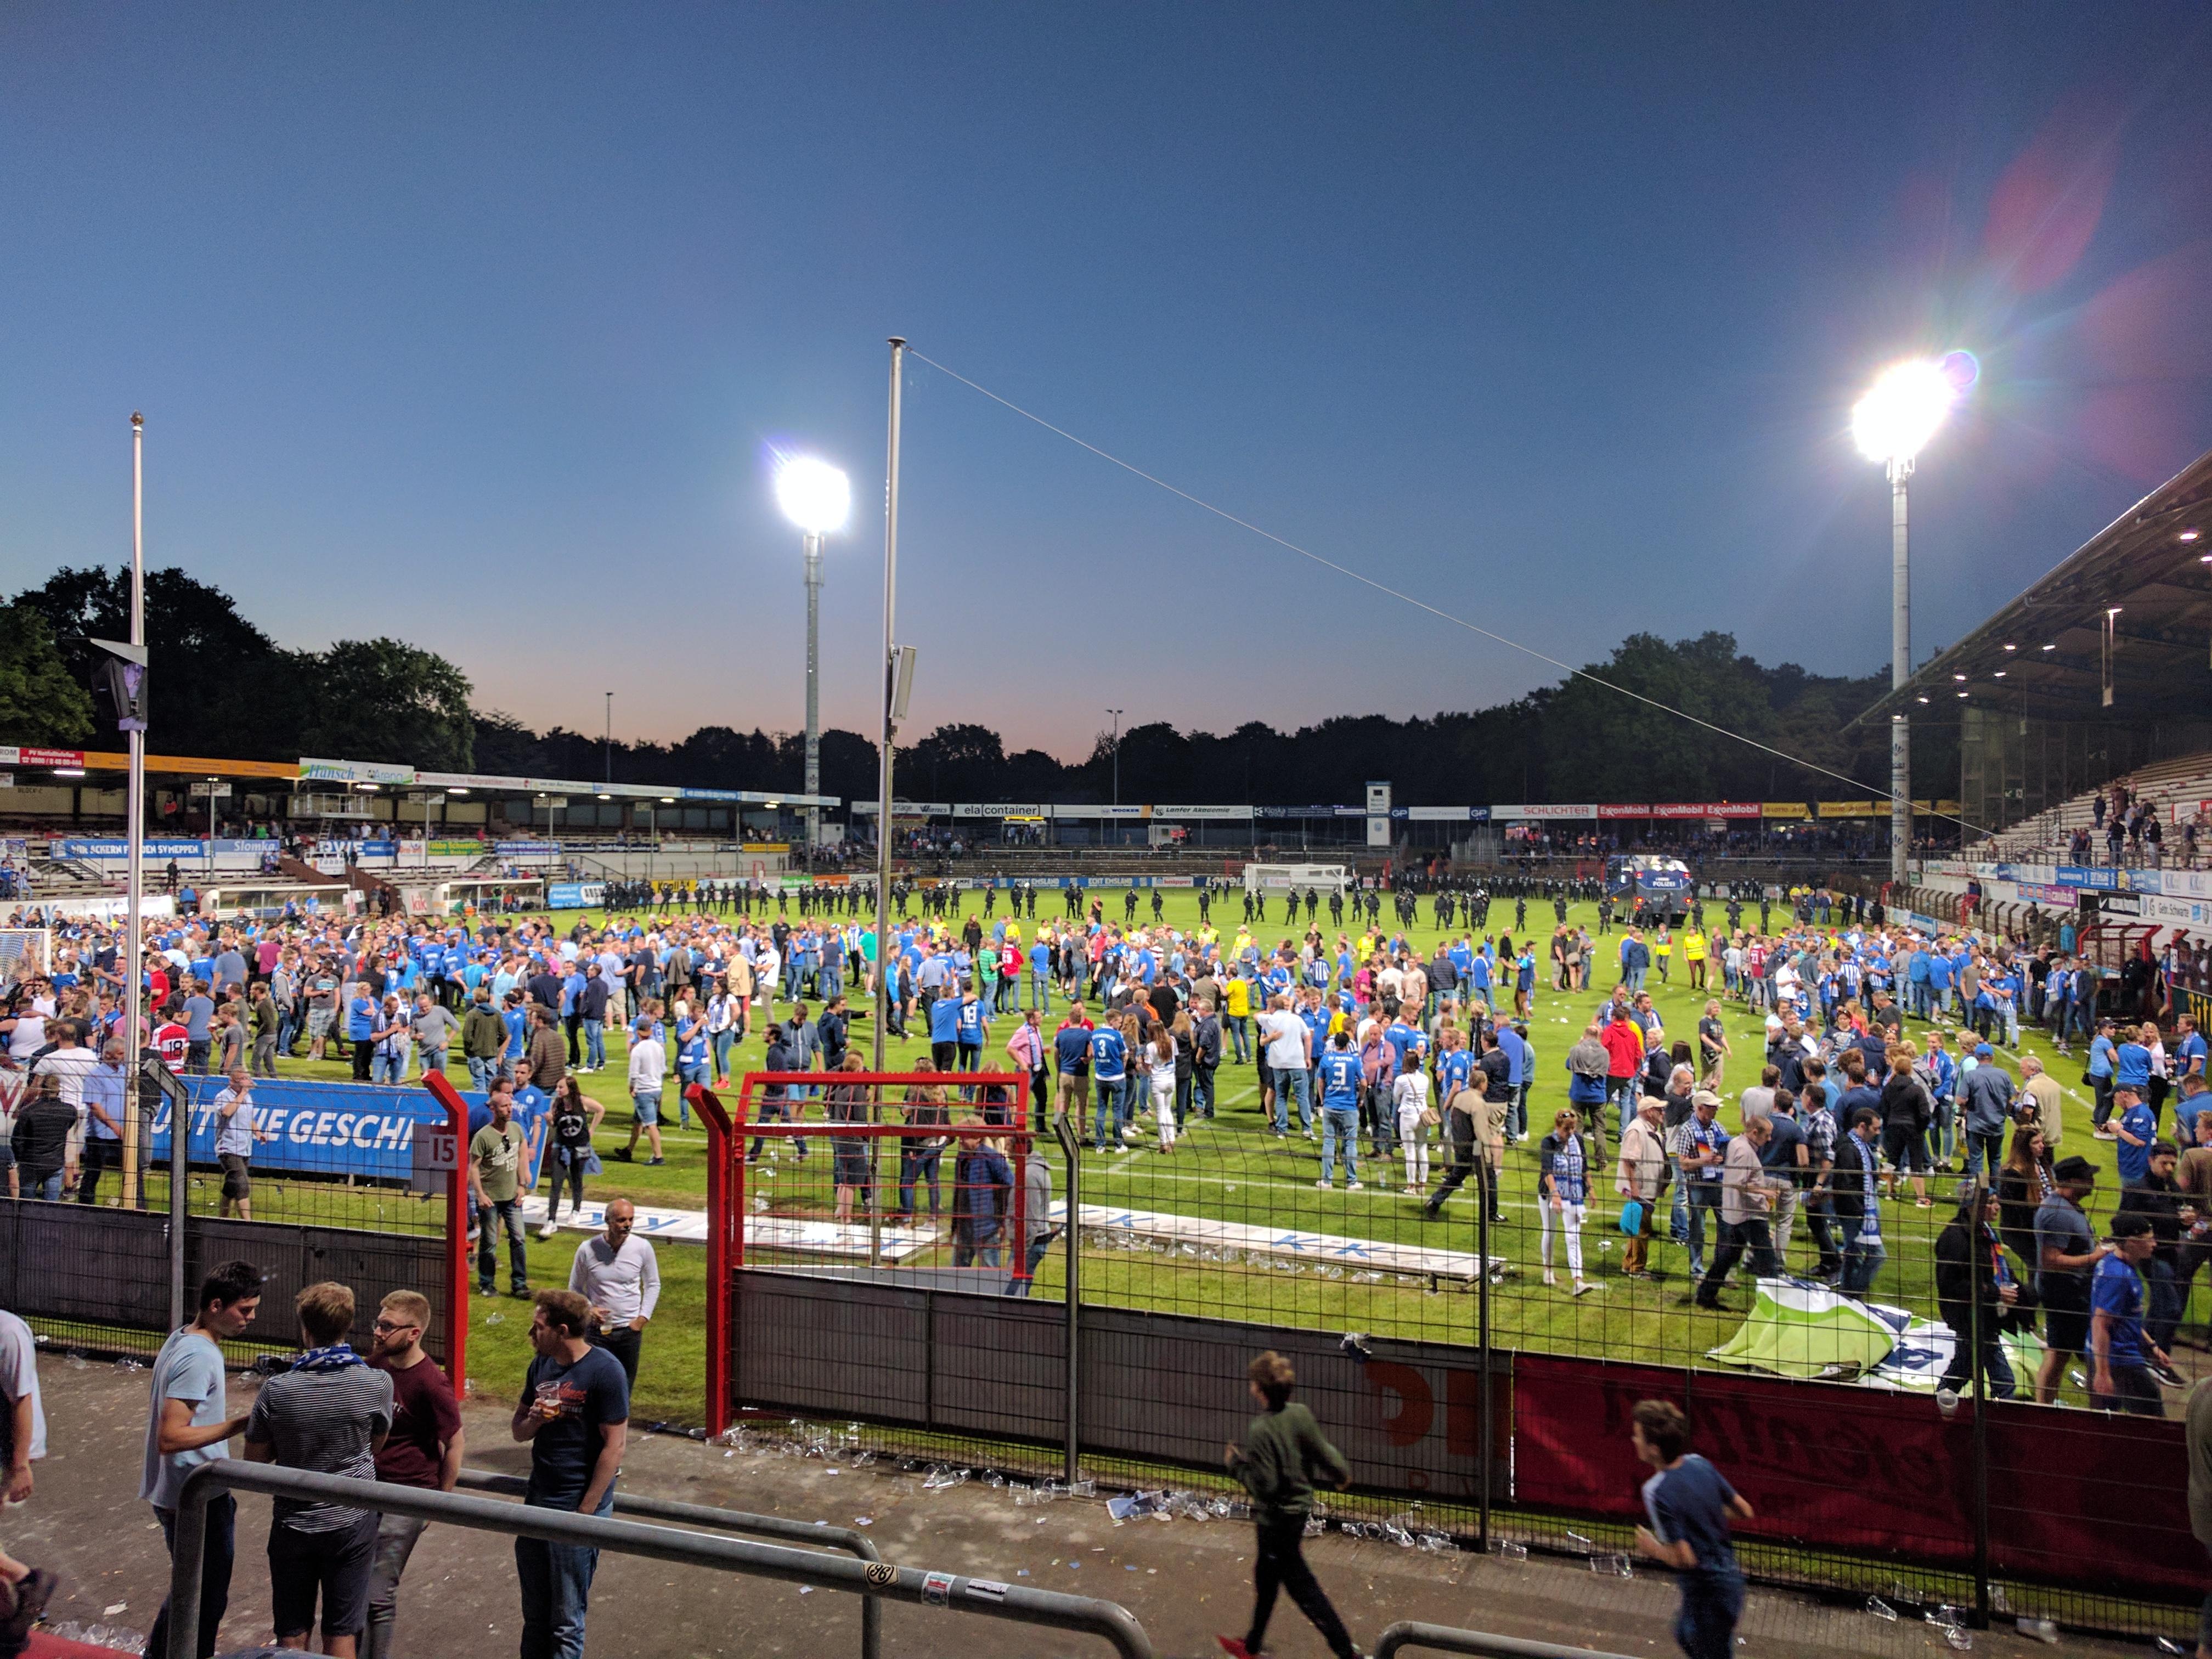 Das Emslandstadion nach dem Aufstiegsspiel des SV Meppen gegen den SV Waldhof Mannheim am 31. Mai 2017